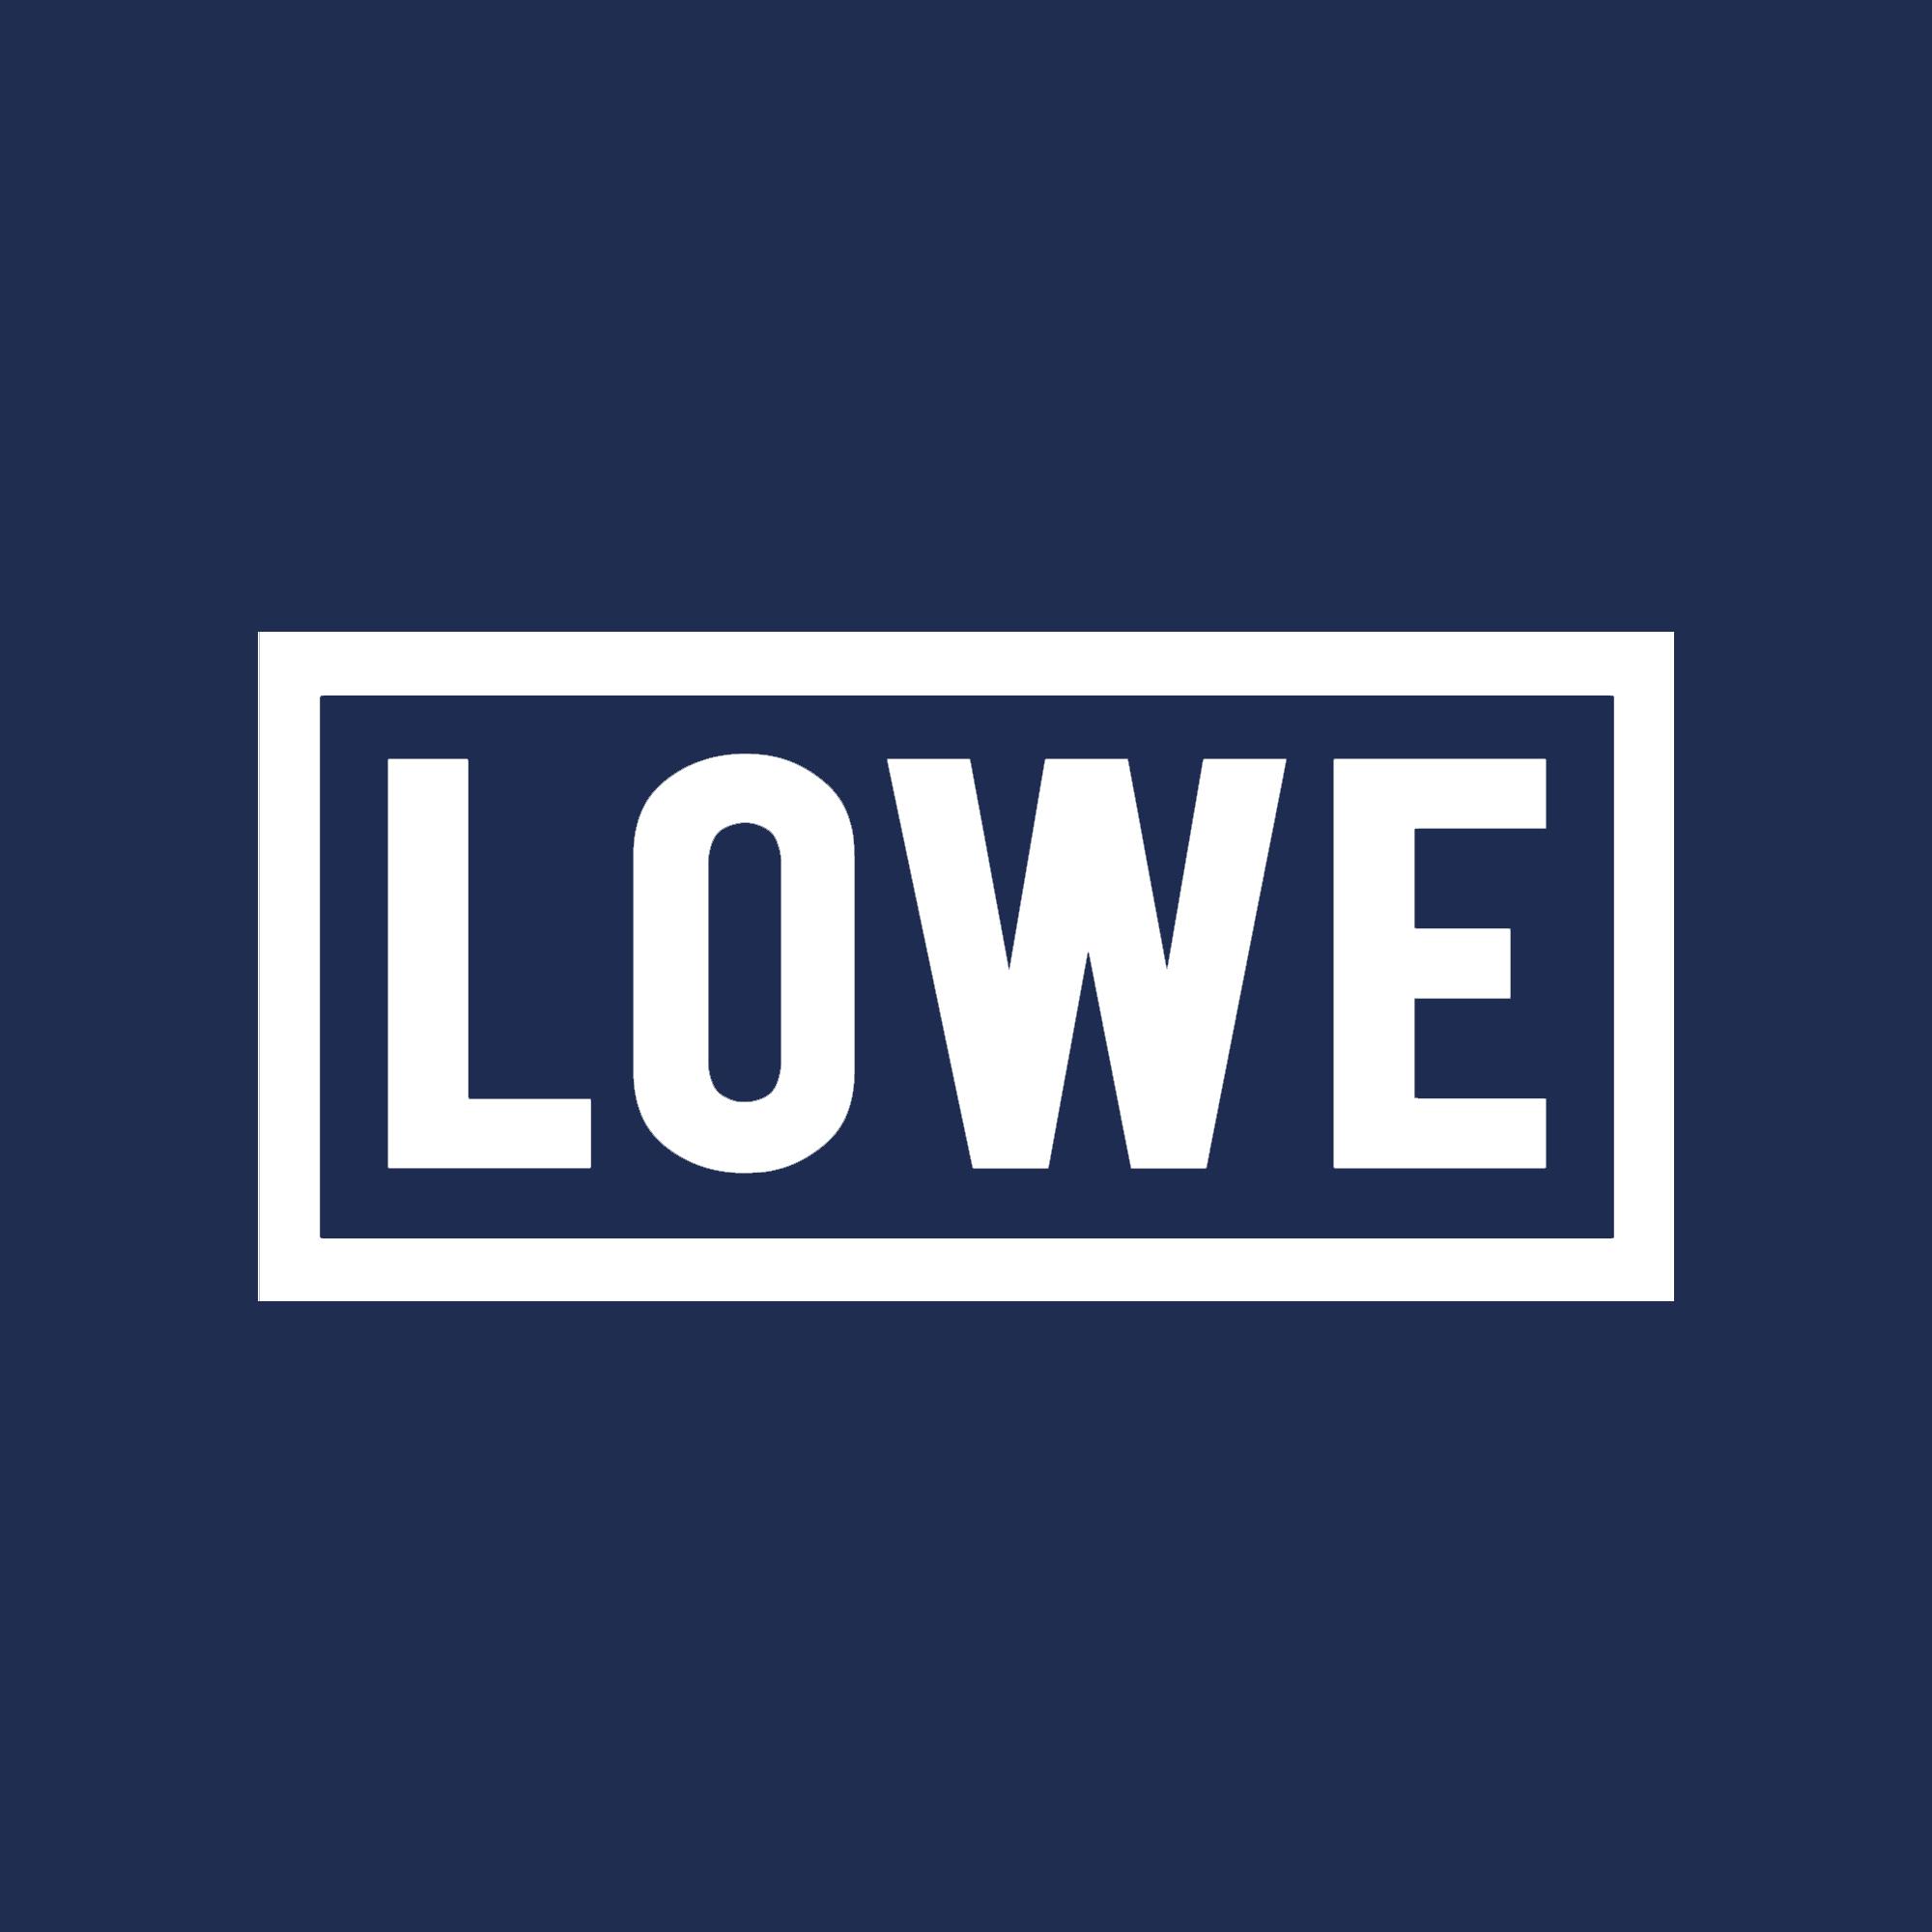 Lowe Guardians logo